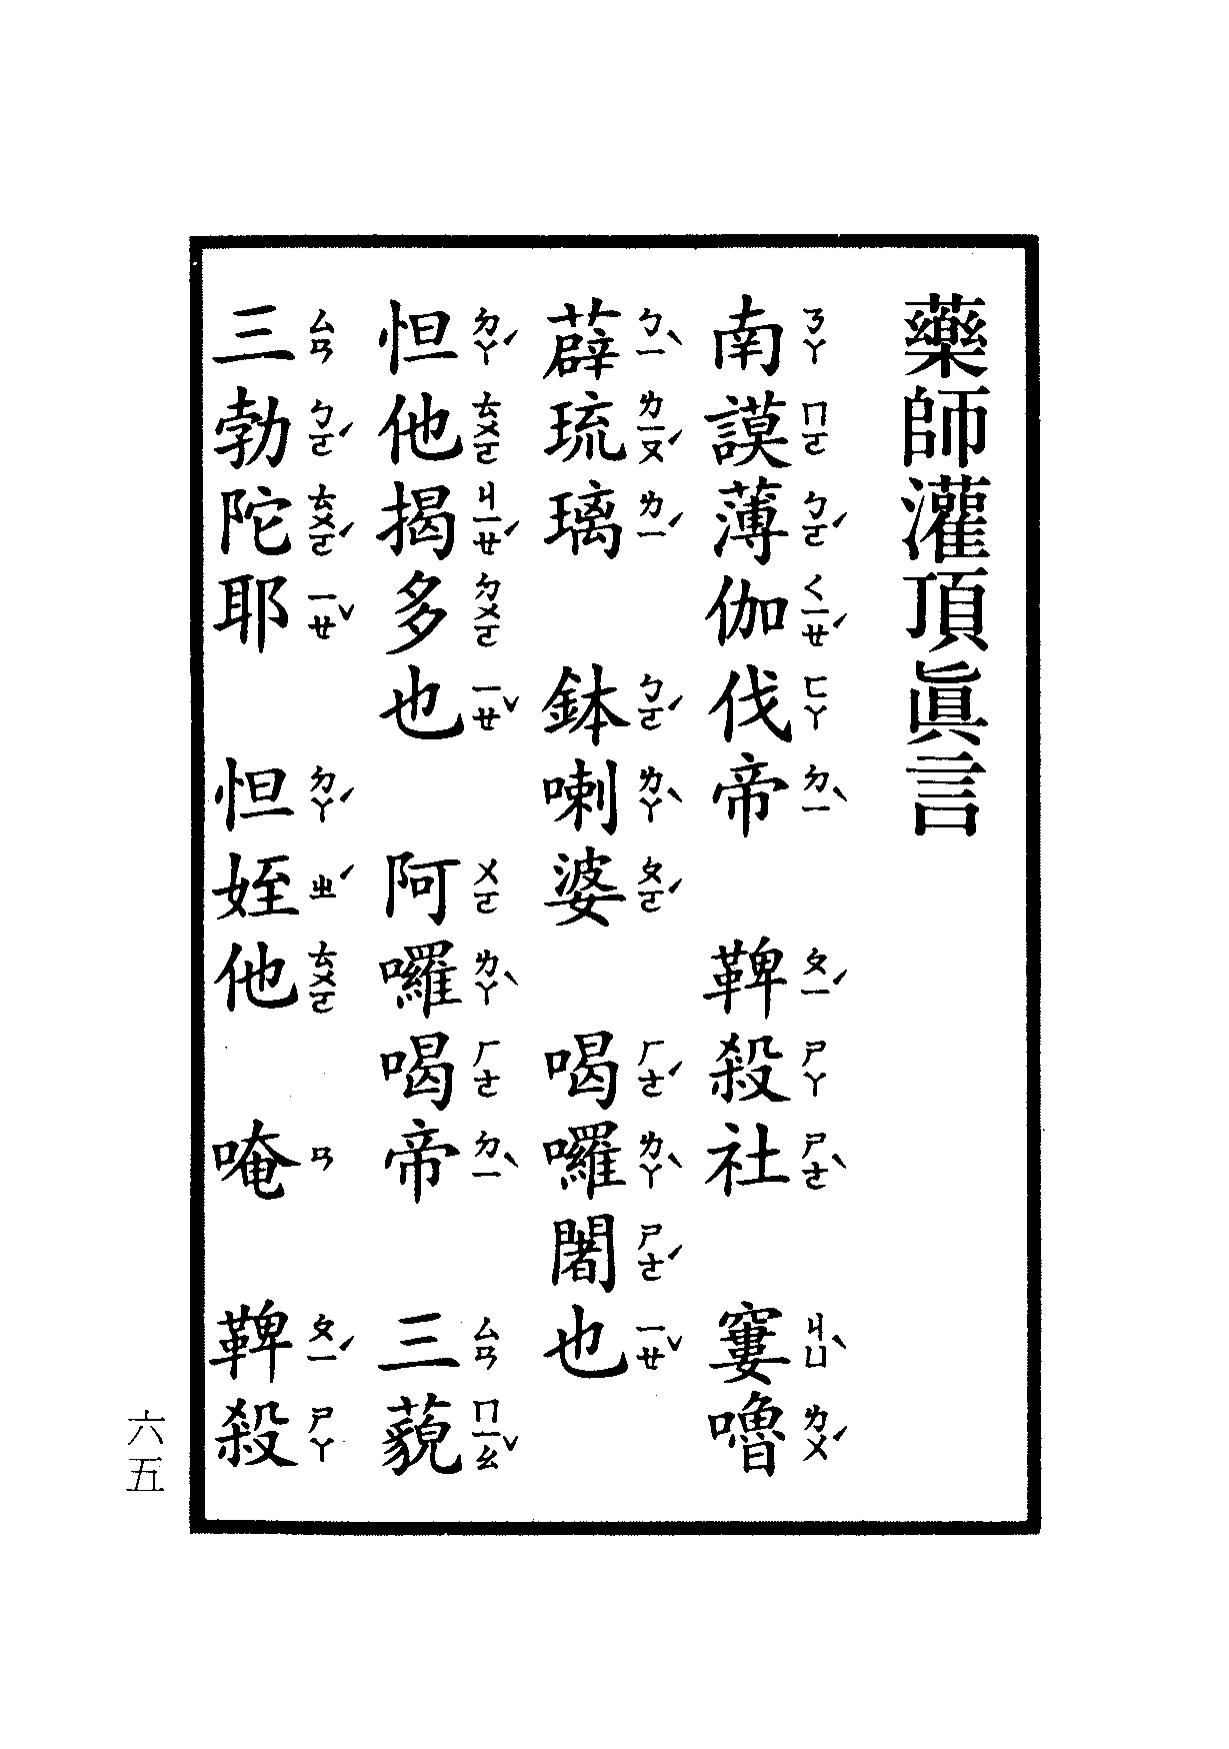 楞嚴咒-大悲咒-十小咒-易背本 71.png